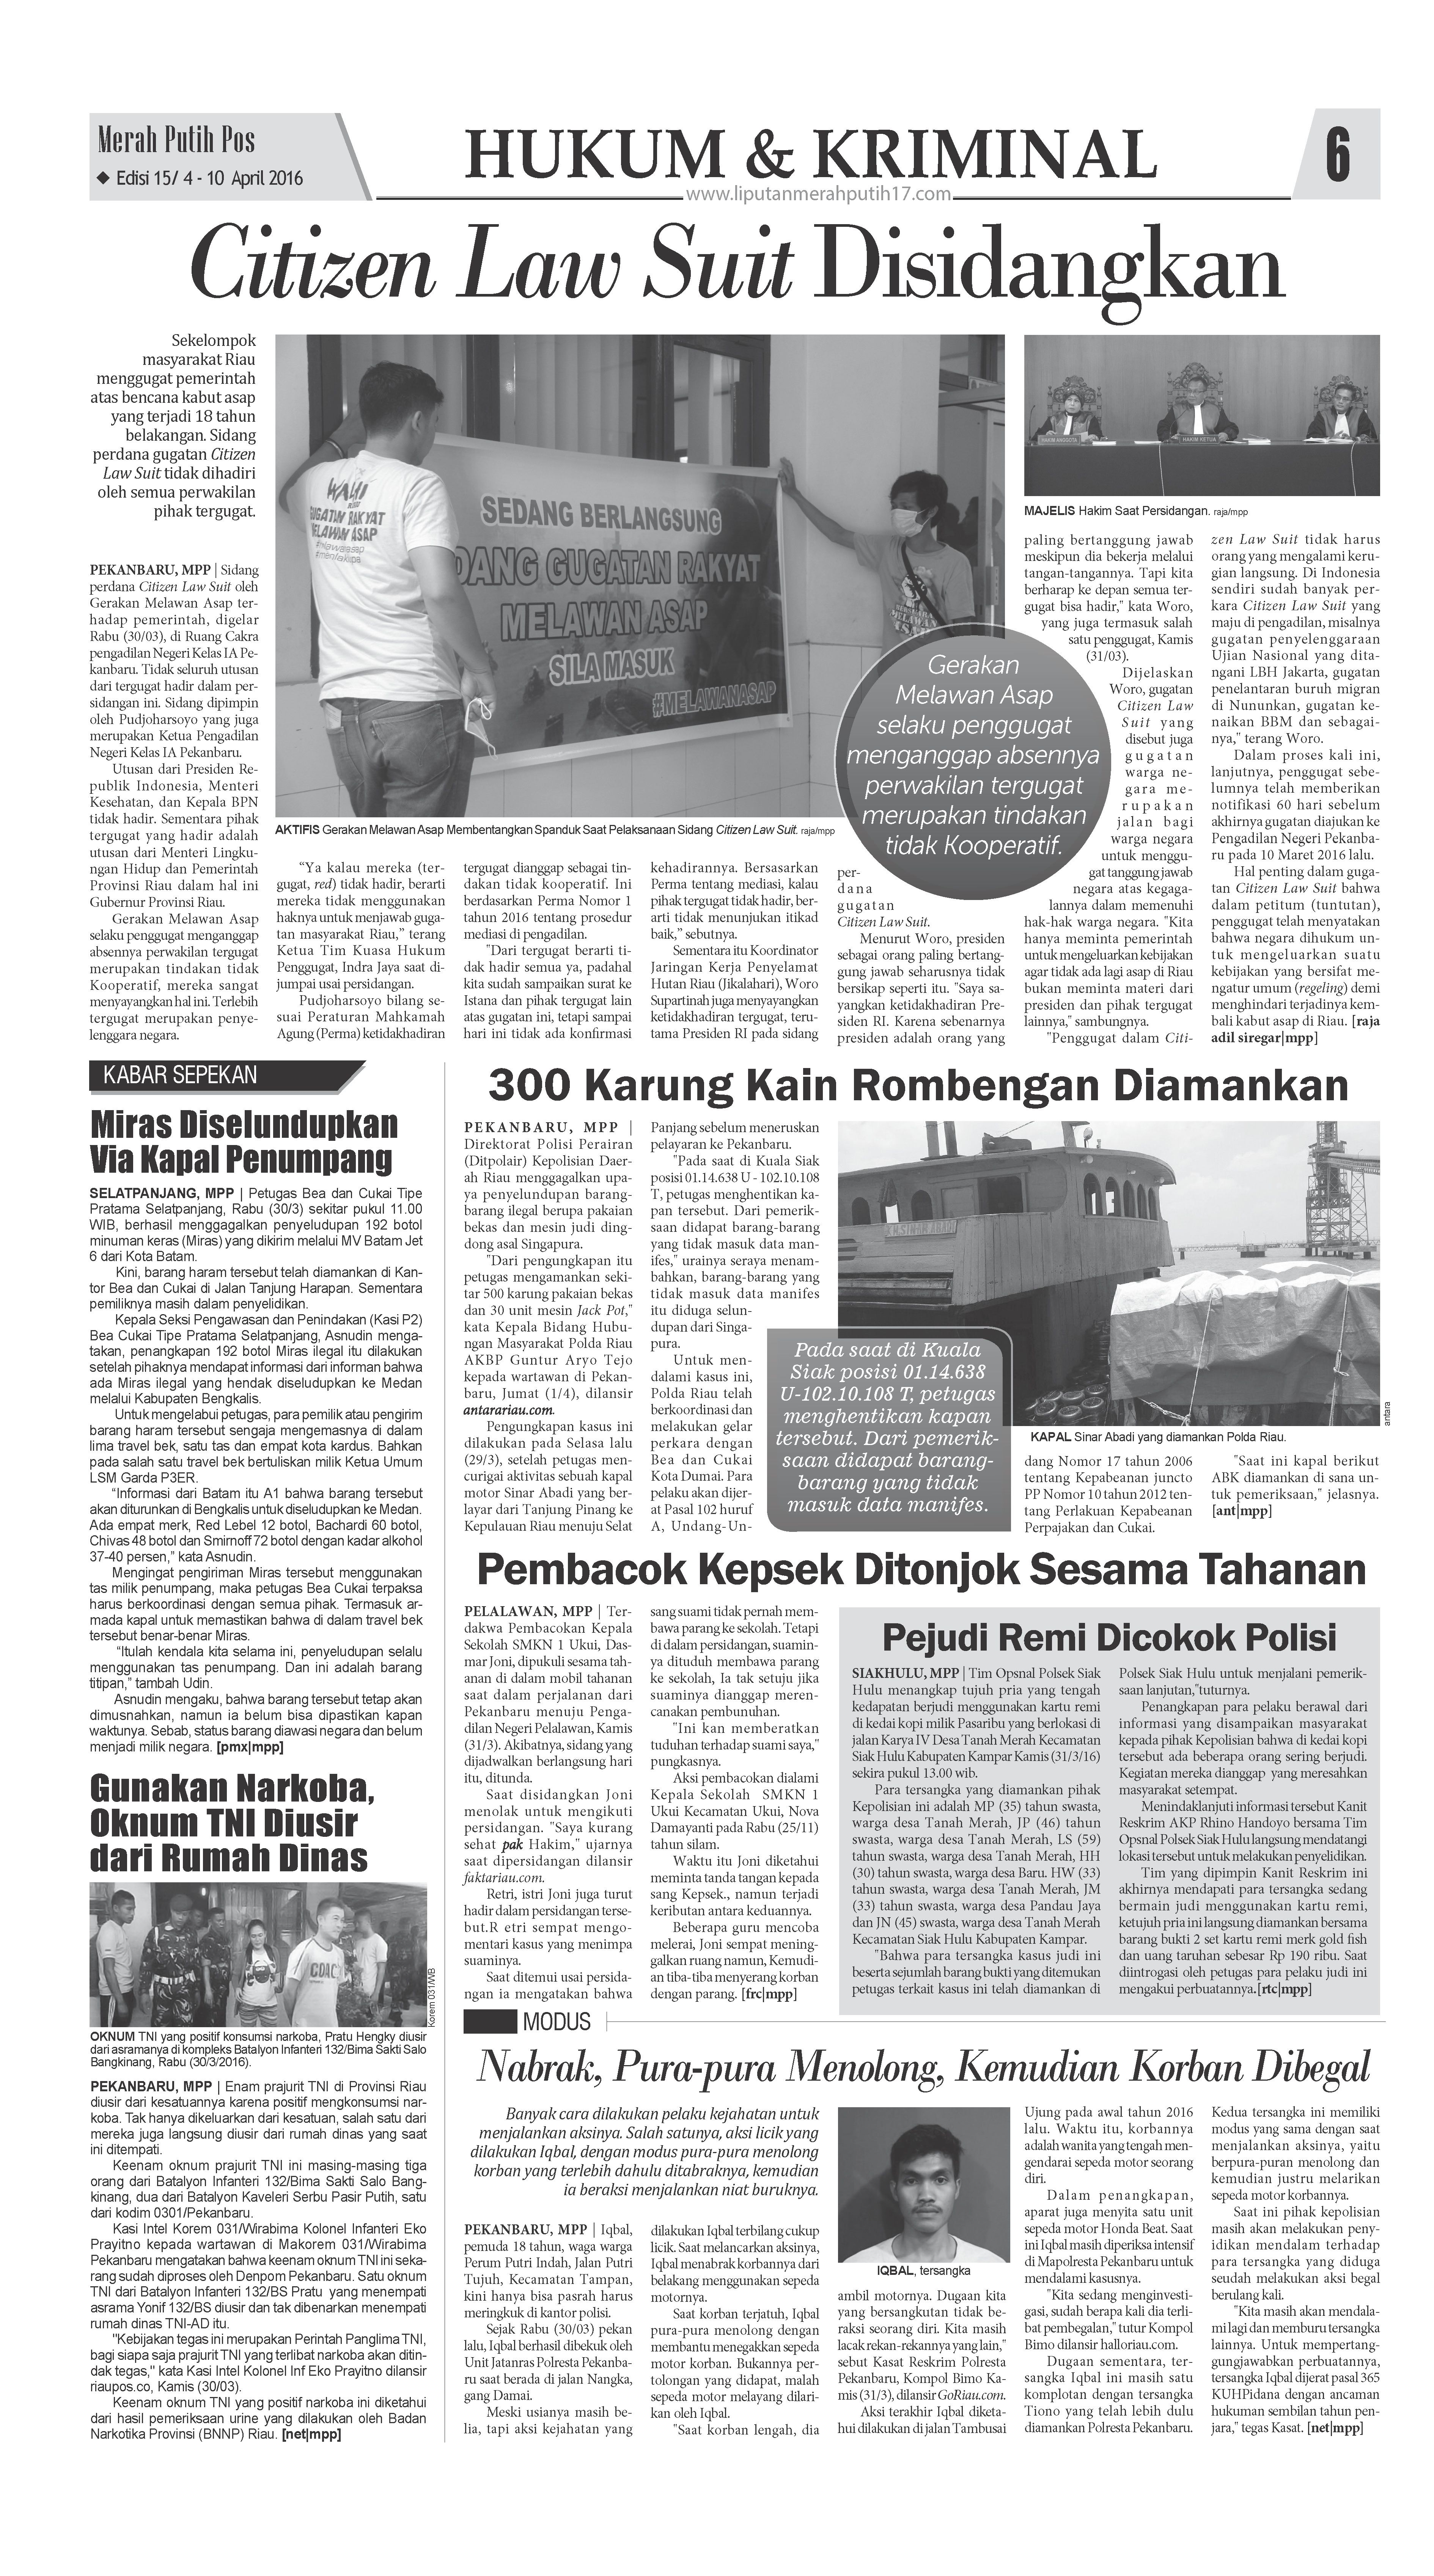 Layout Koran Desain Surat Kabar Newspaper Design Tata Letak Koran Magazine Newspaper Design Layout Tataletak Majalah Koran Tata Letak Desain Koran